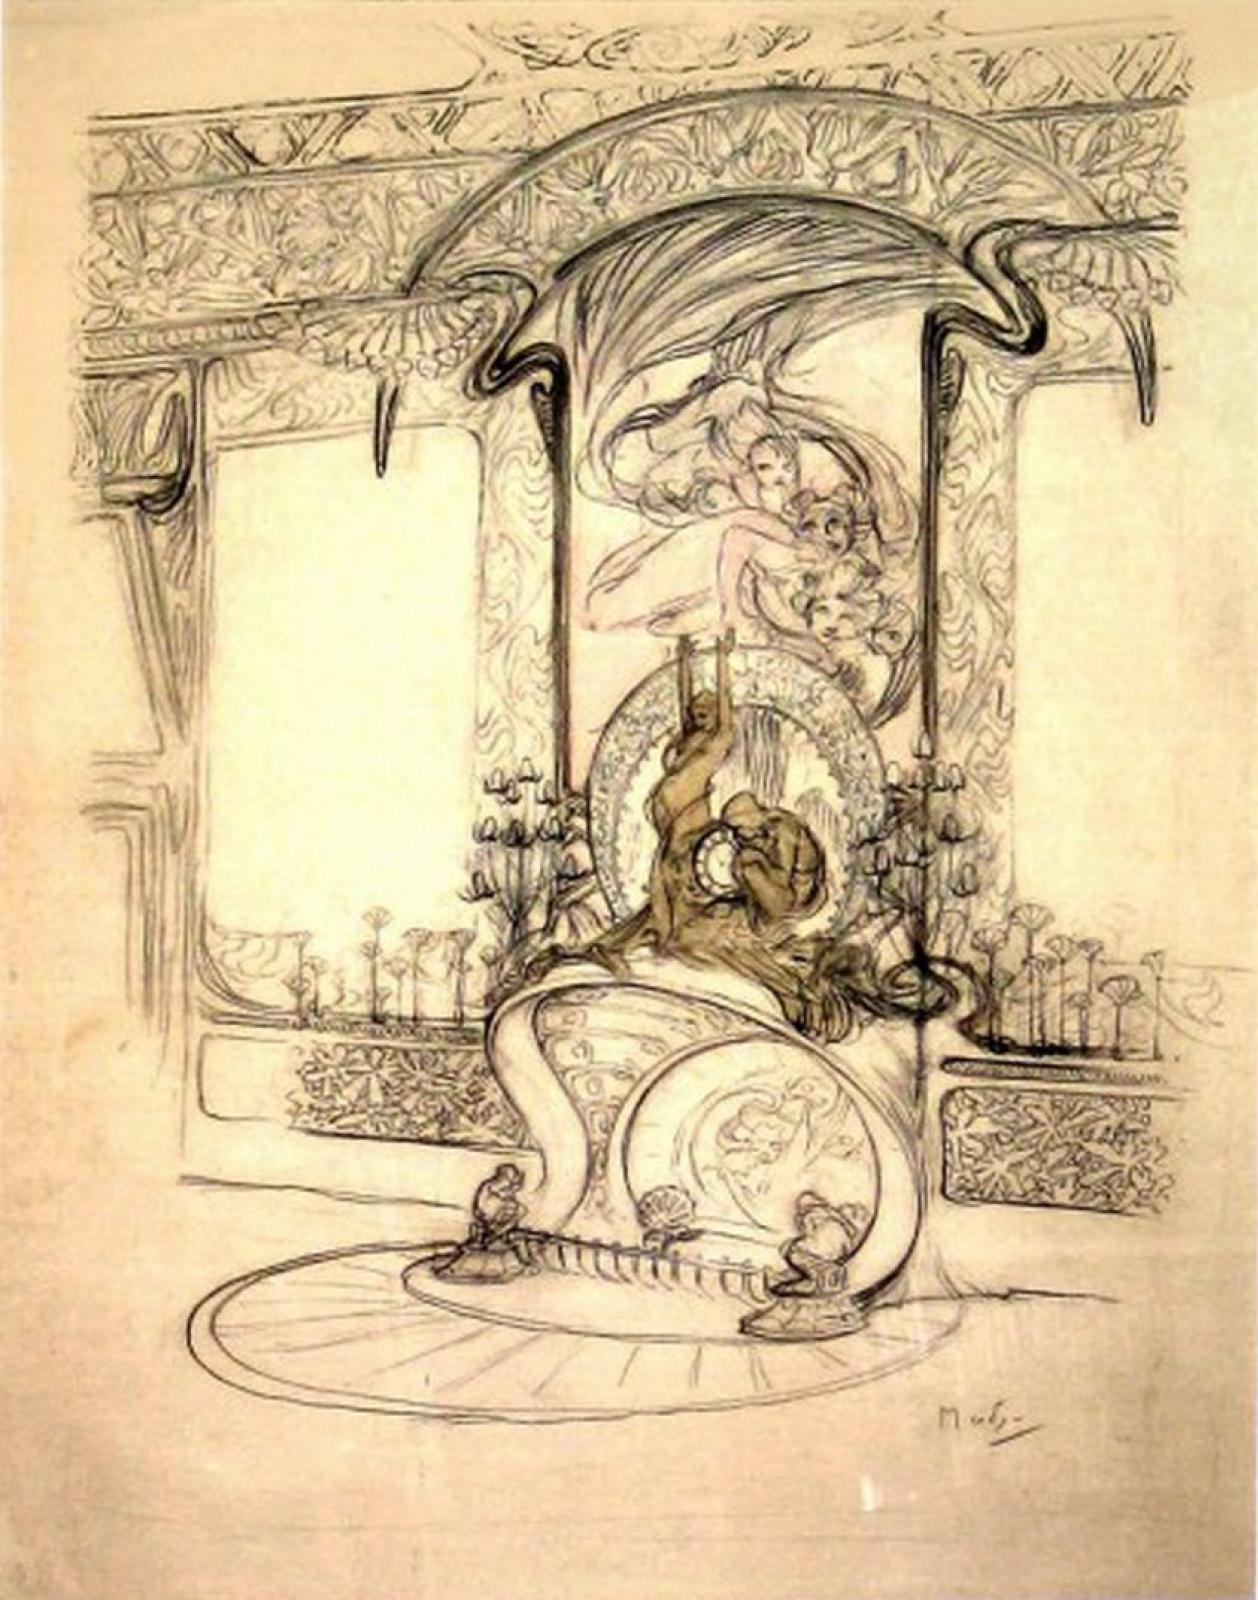 Альфонс Муха. Интерьер бутика Жоржа Фуке. Эскиз дизайна камина с зеркалом и статуэтками и деталями декора для стен